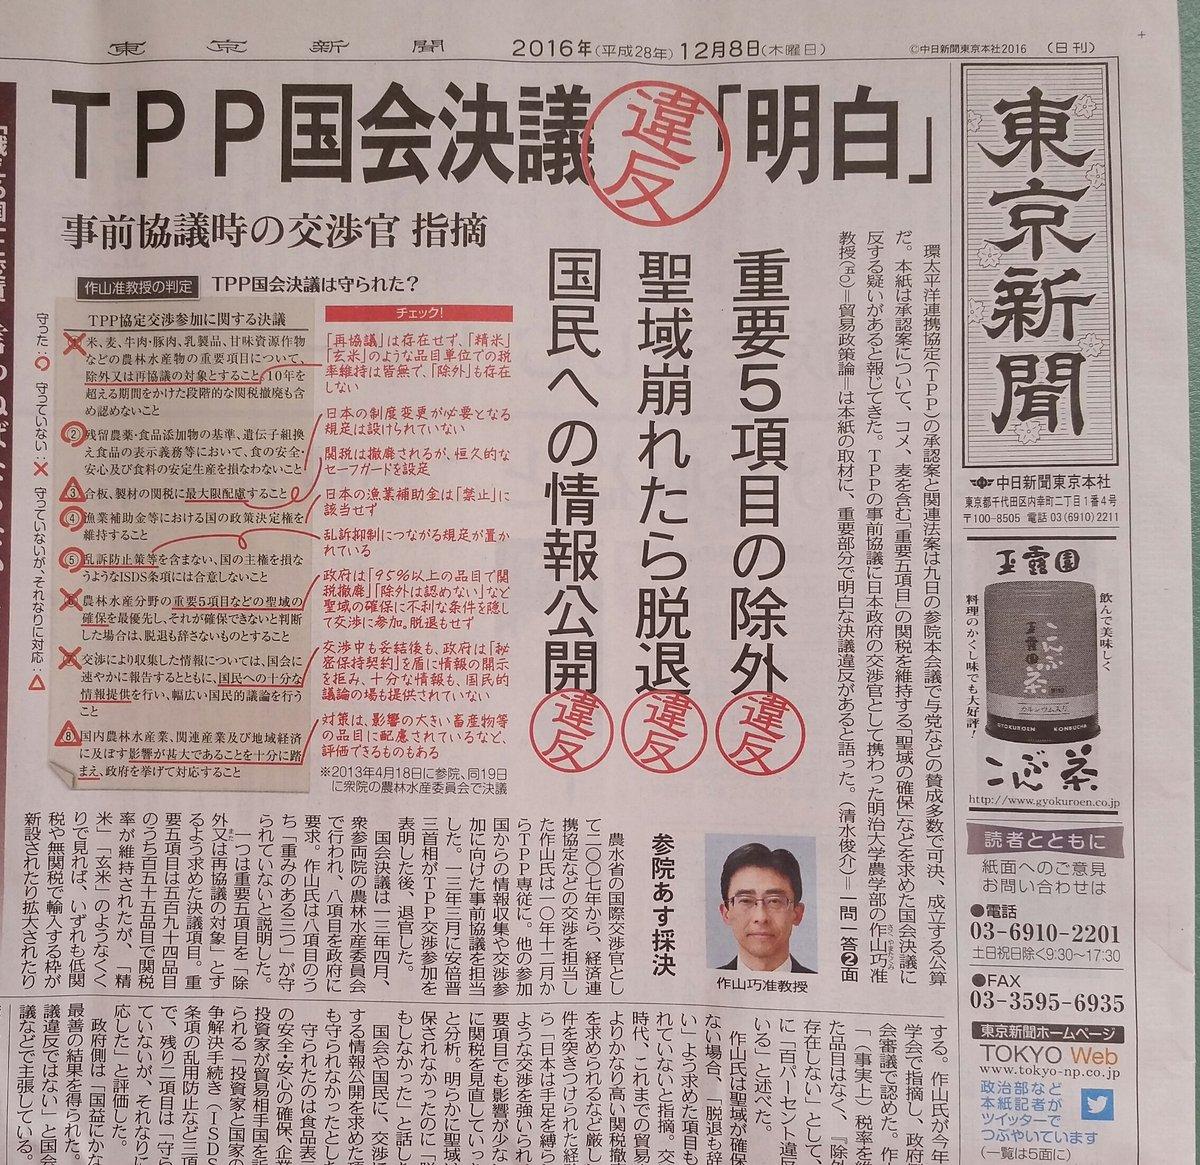 今朝の東京新聞、明快だ。TPP国会決議 違反「明確」。重要5項目の除外 違反。聖域崩れたら脱退 違反。国民への情報公開 違反。 まあ、TPPに限った事じゃないけどね。 https://t.co/jYJVumskrw